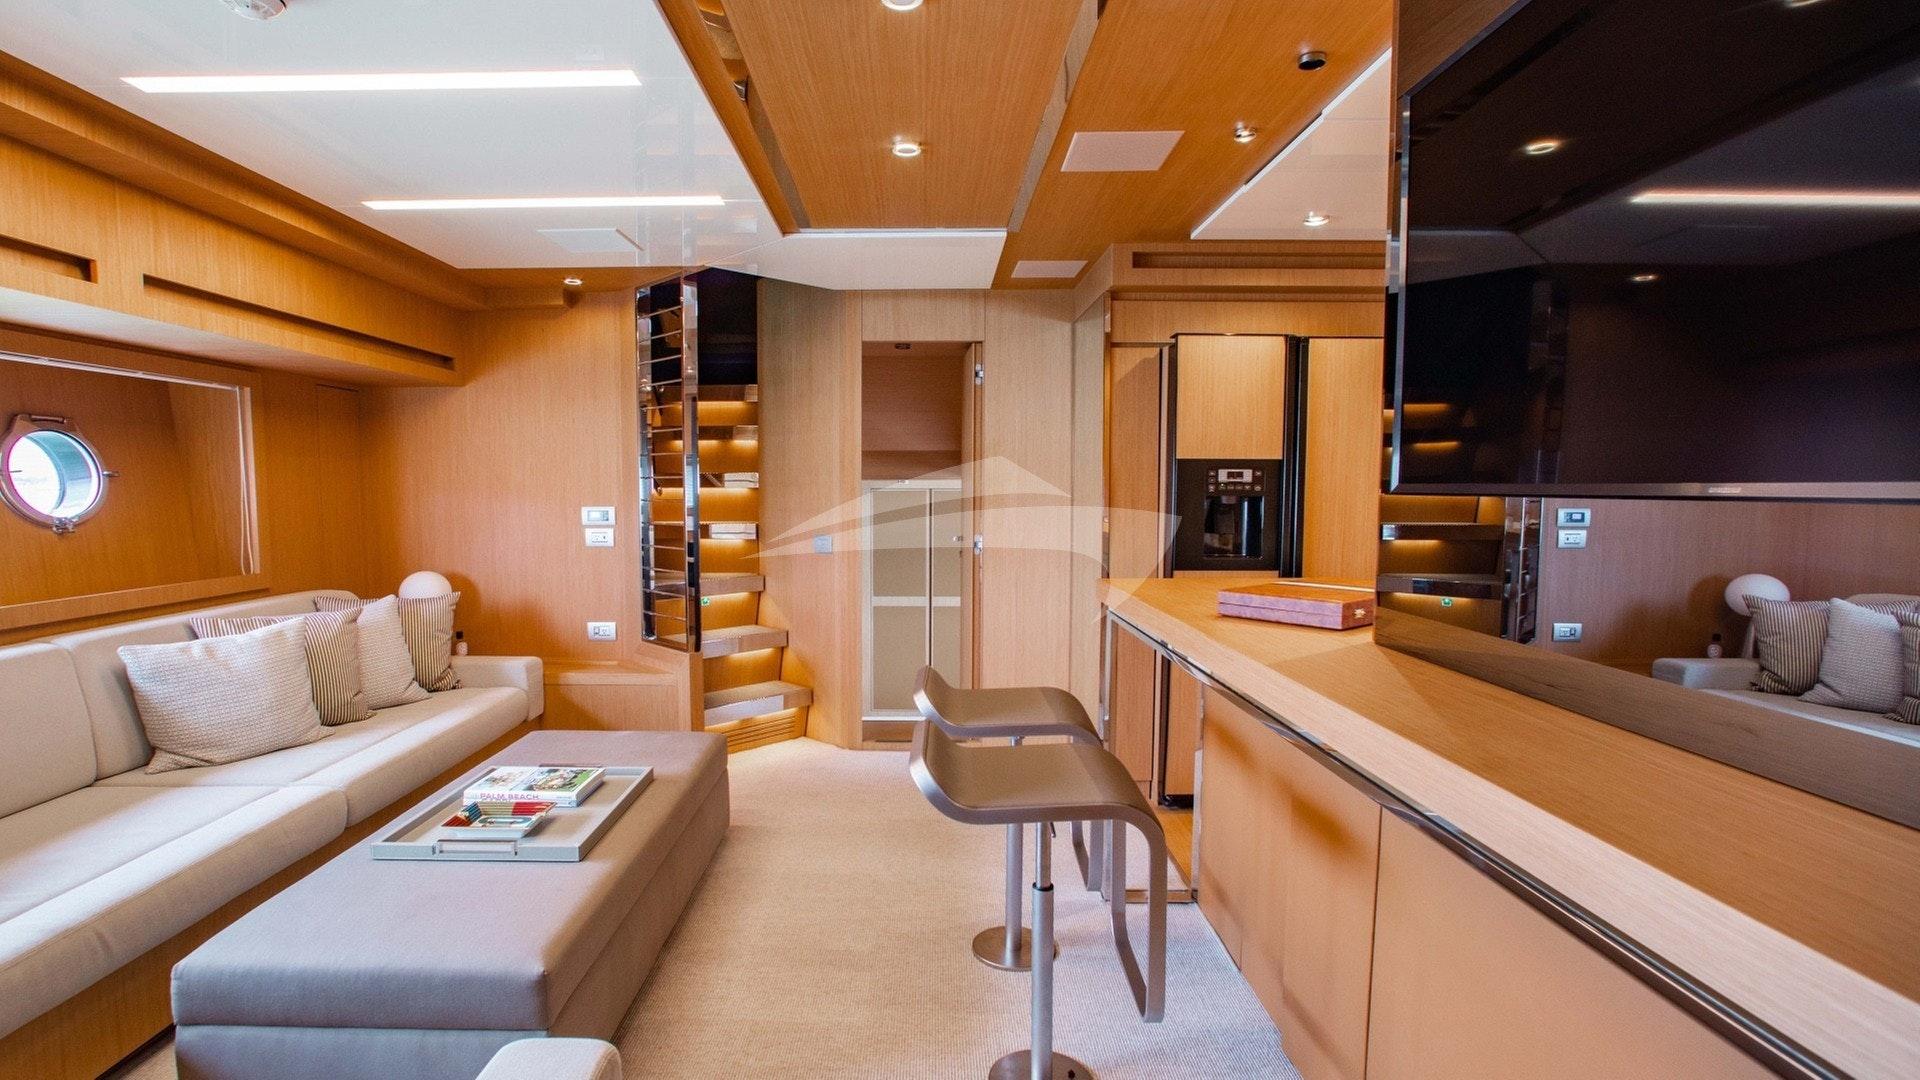 Lower Deck Salon & Galley